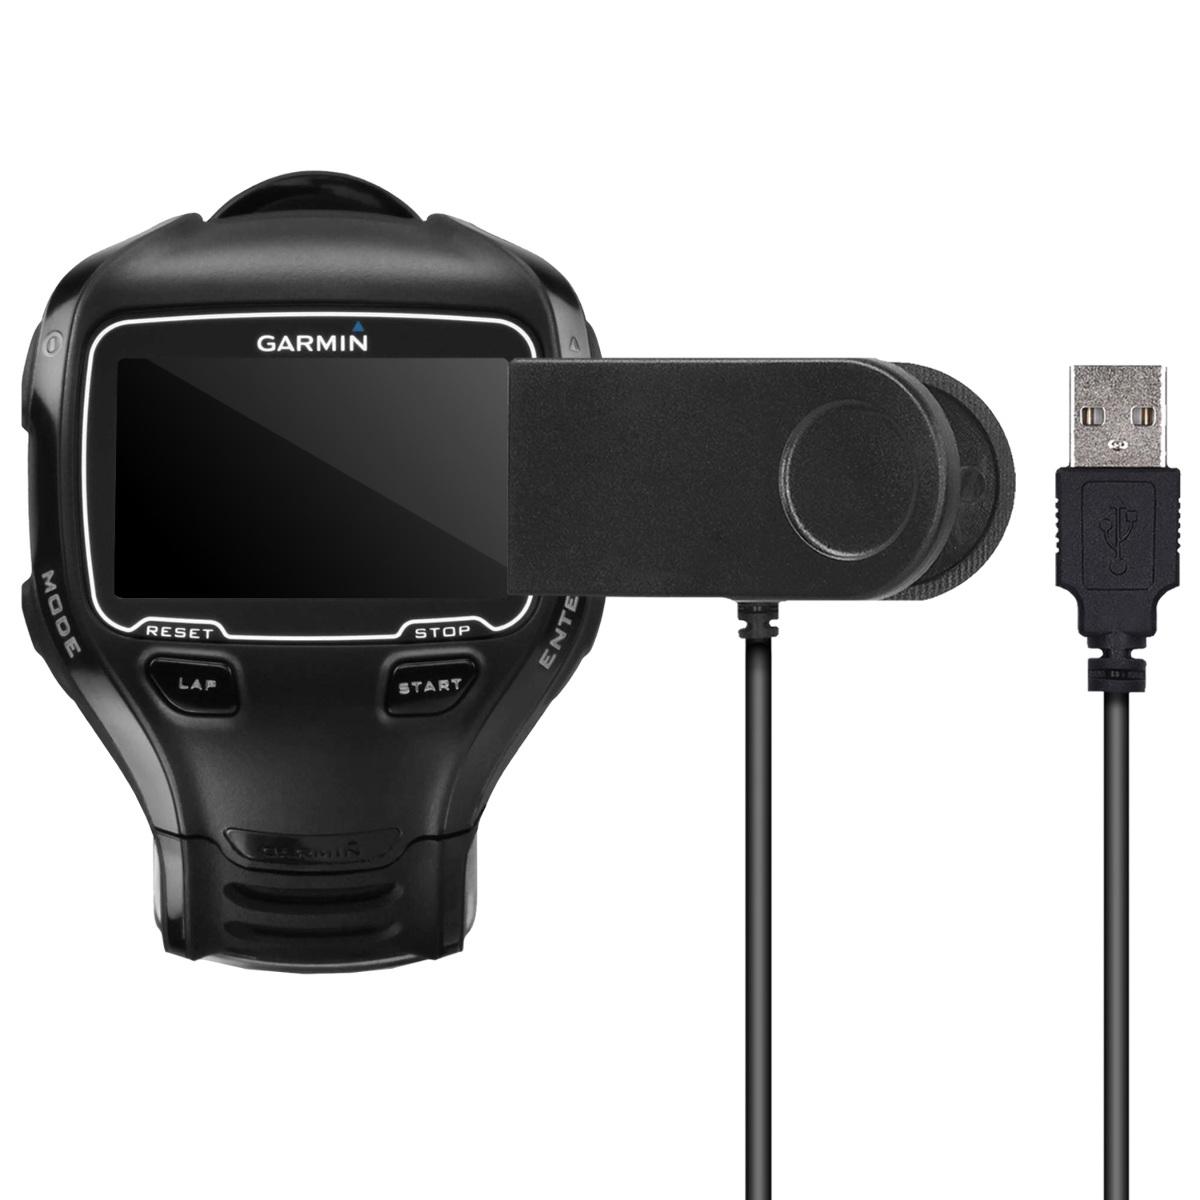 USB Charging Cable Dock Station for Garmin Forerunner 310XT 405 410 910XT | eBay